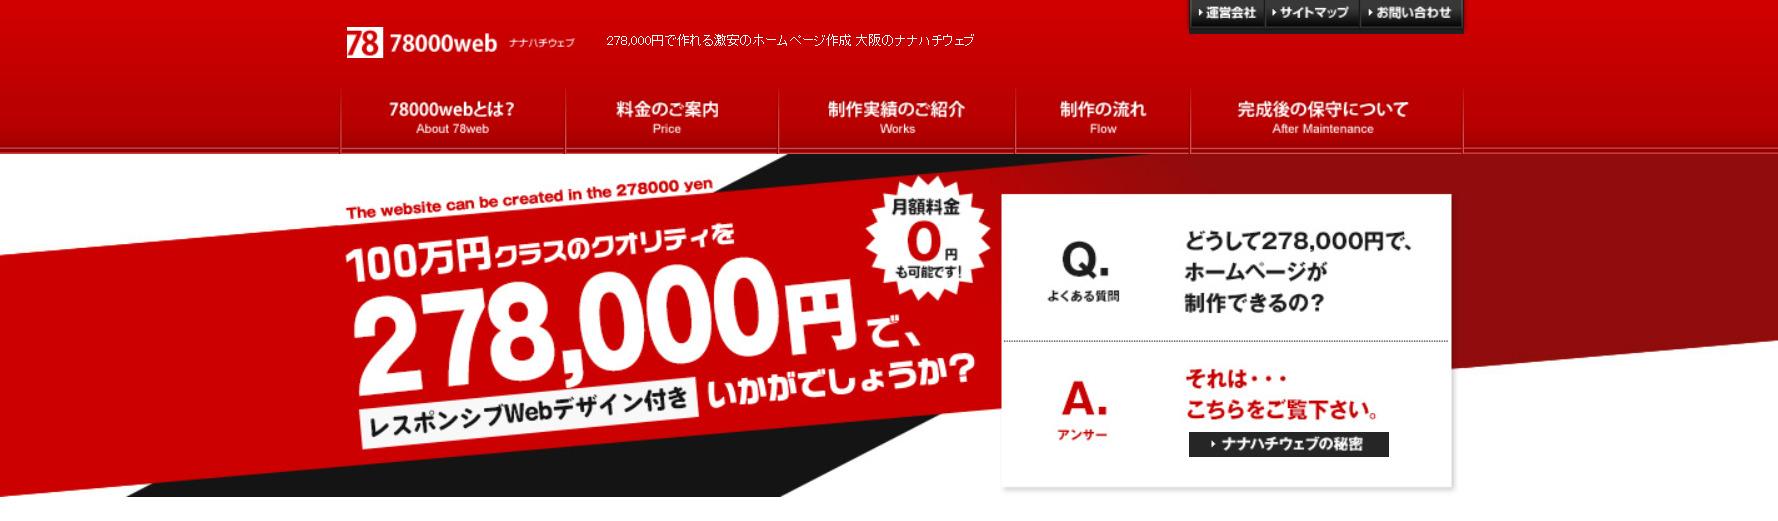 3位:オルトウェブ株式会社